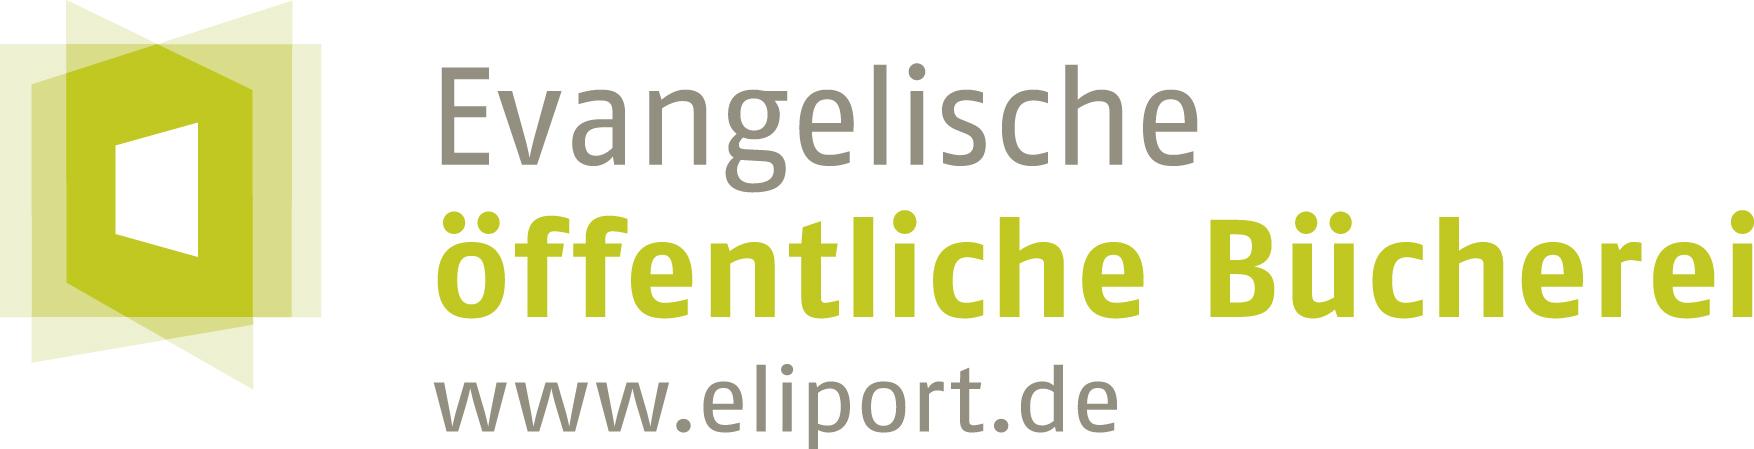 OeffentBuecherei_www_RZ